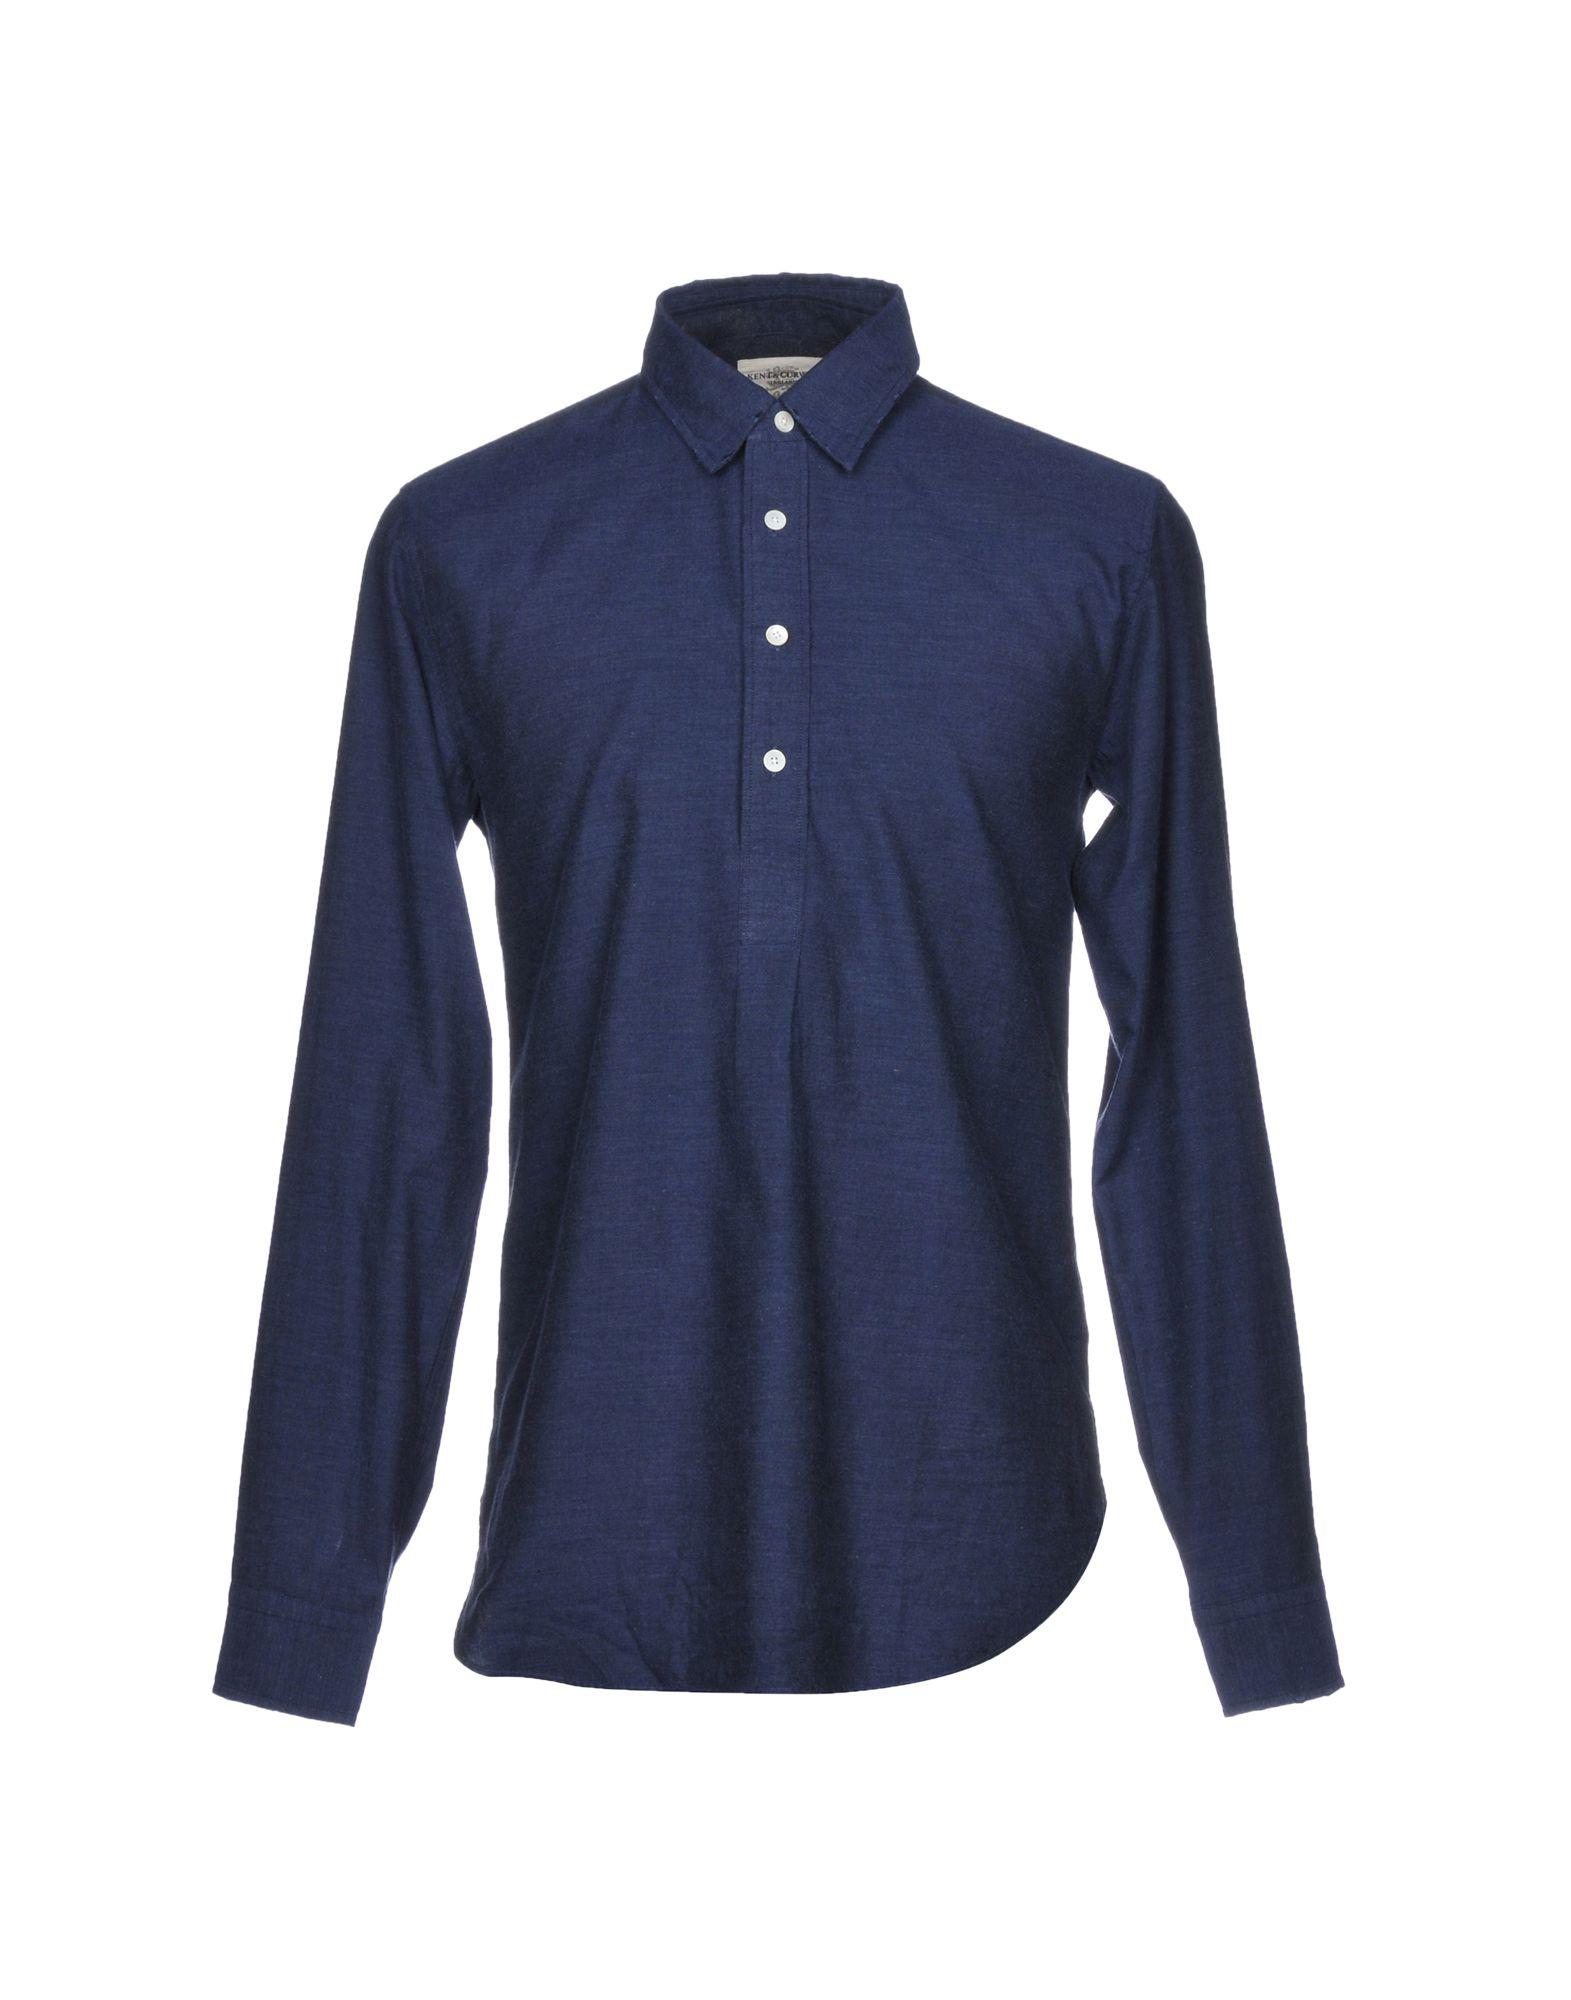 《送料無料》KENT & CURWEN メンズ シャツ ダークブルー S コットン 100%